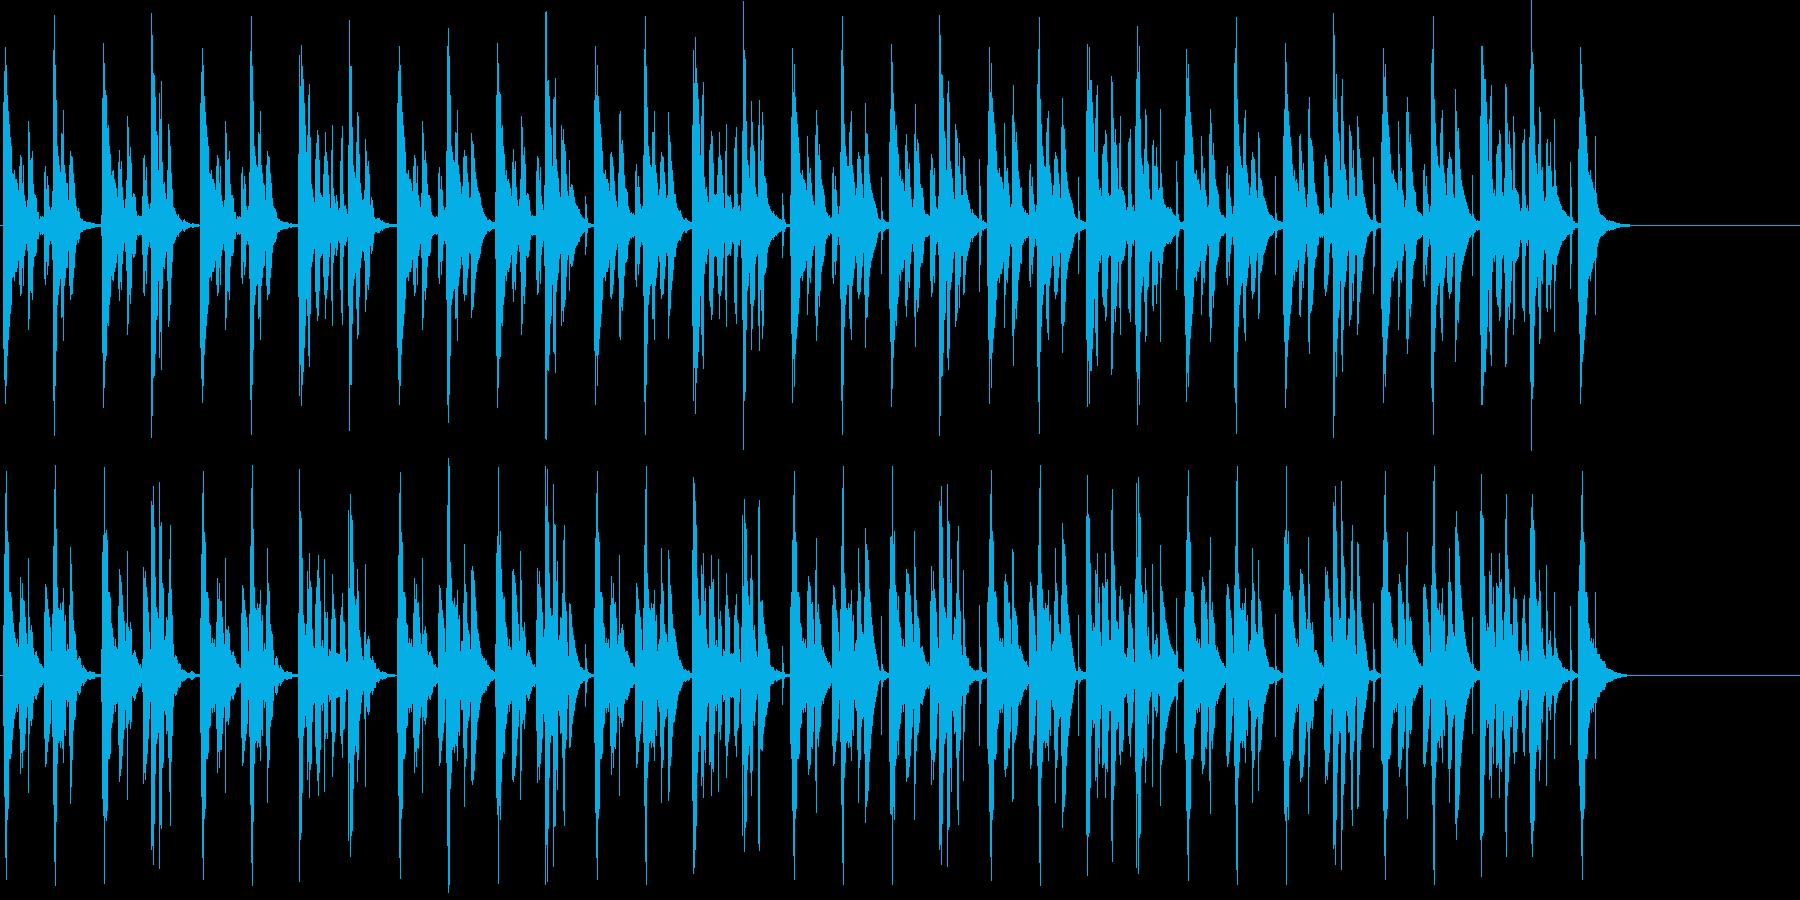 映像系に合うコミカルで可愛らしい曲の再生済みの波形